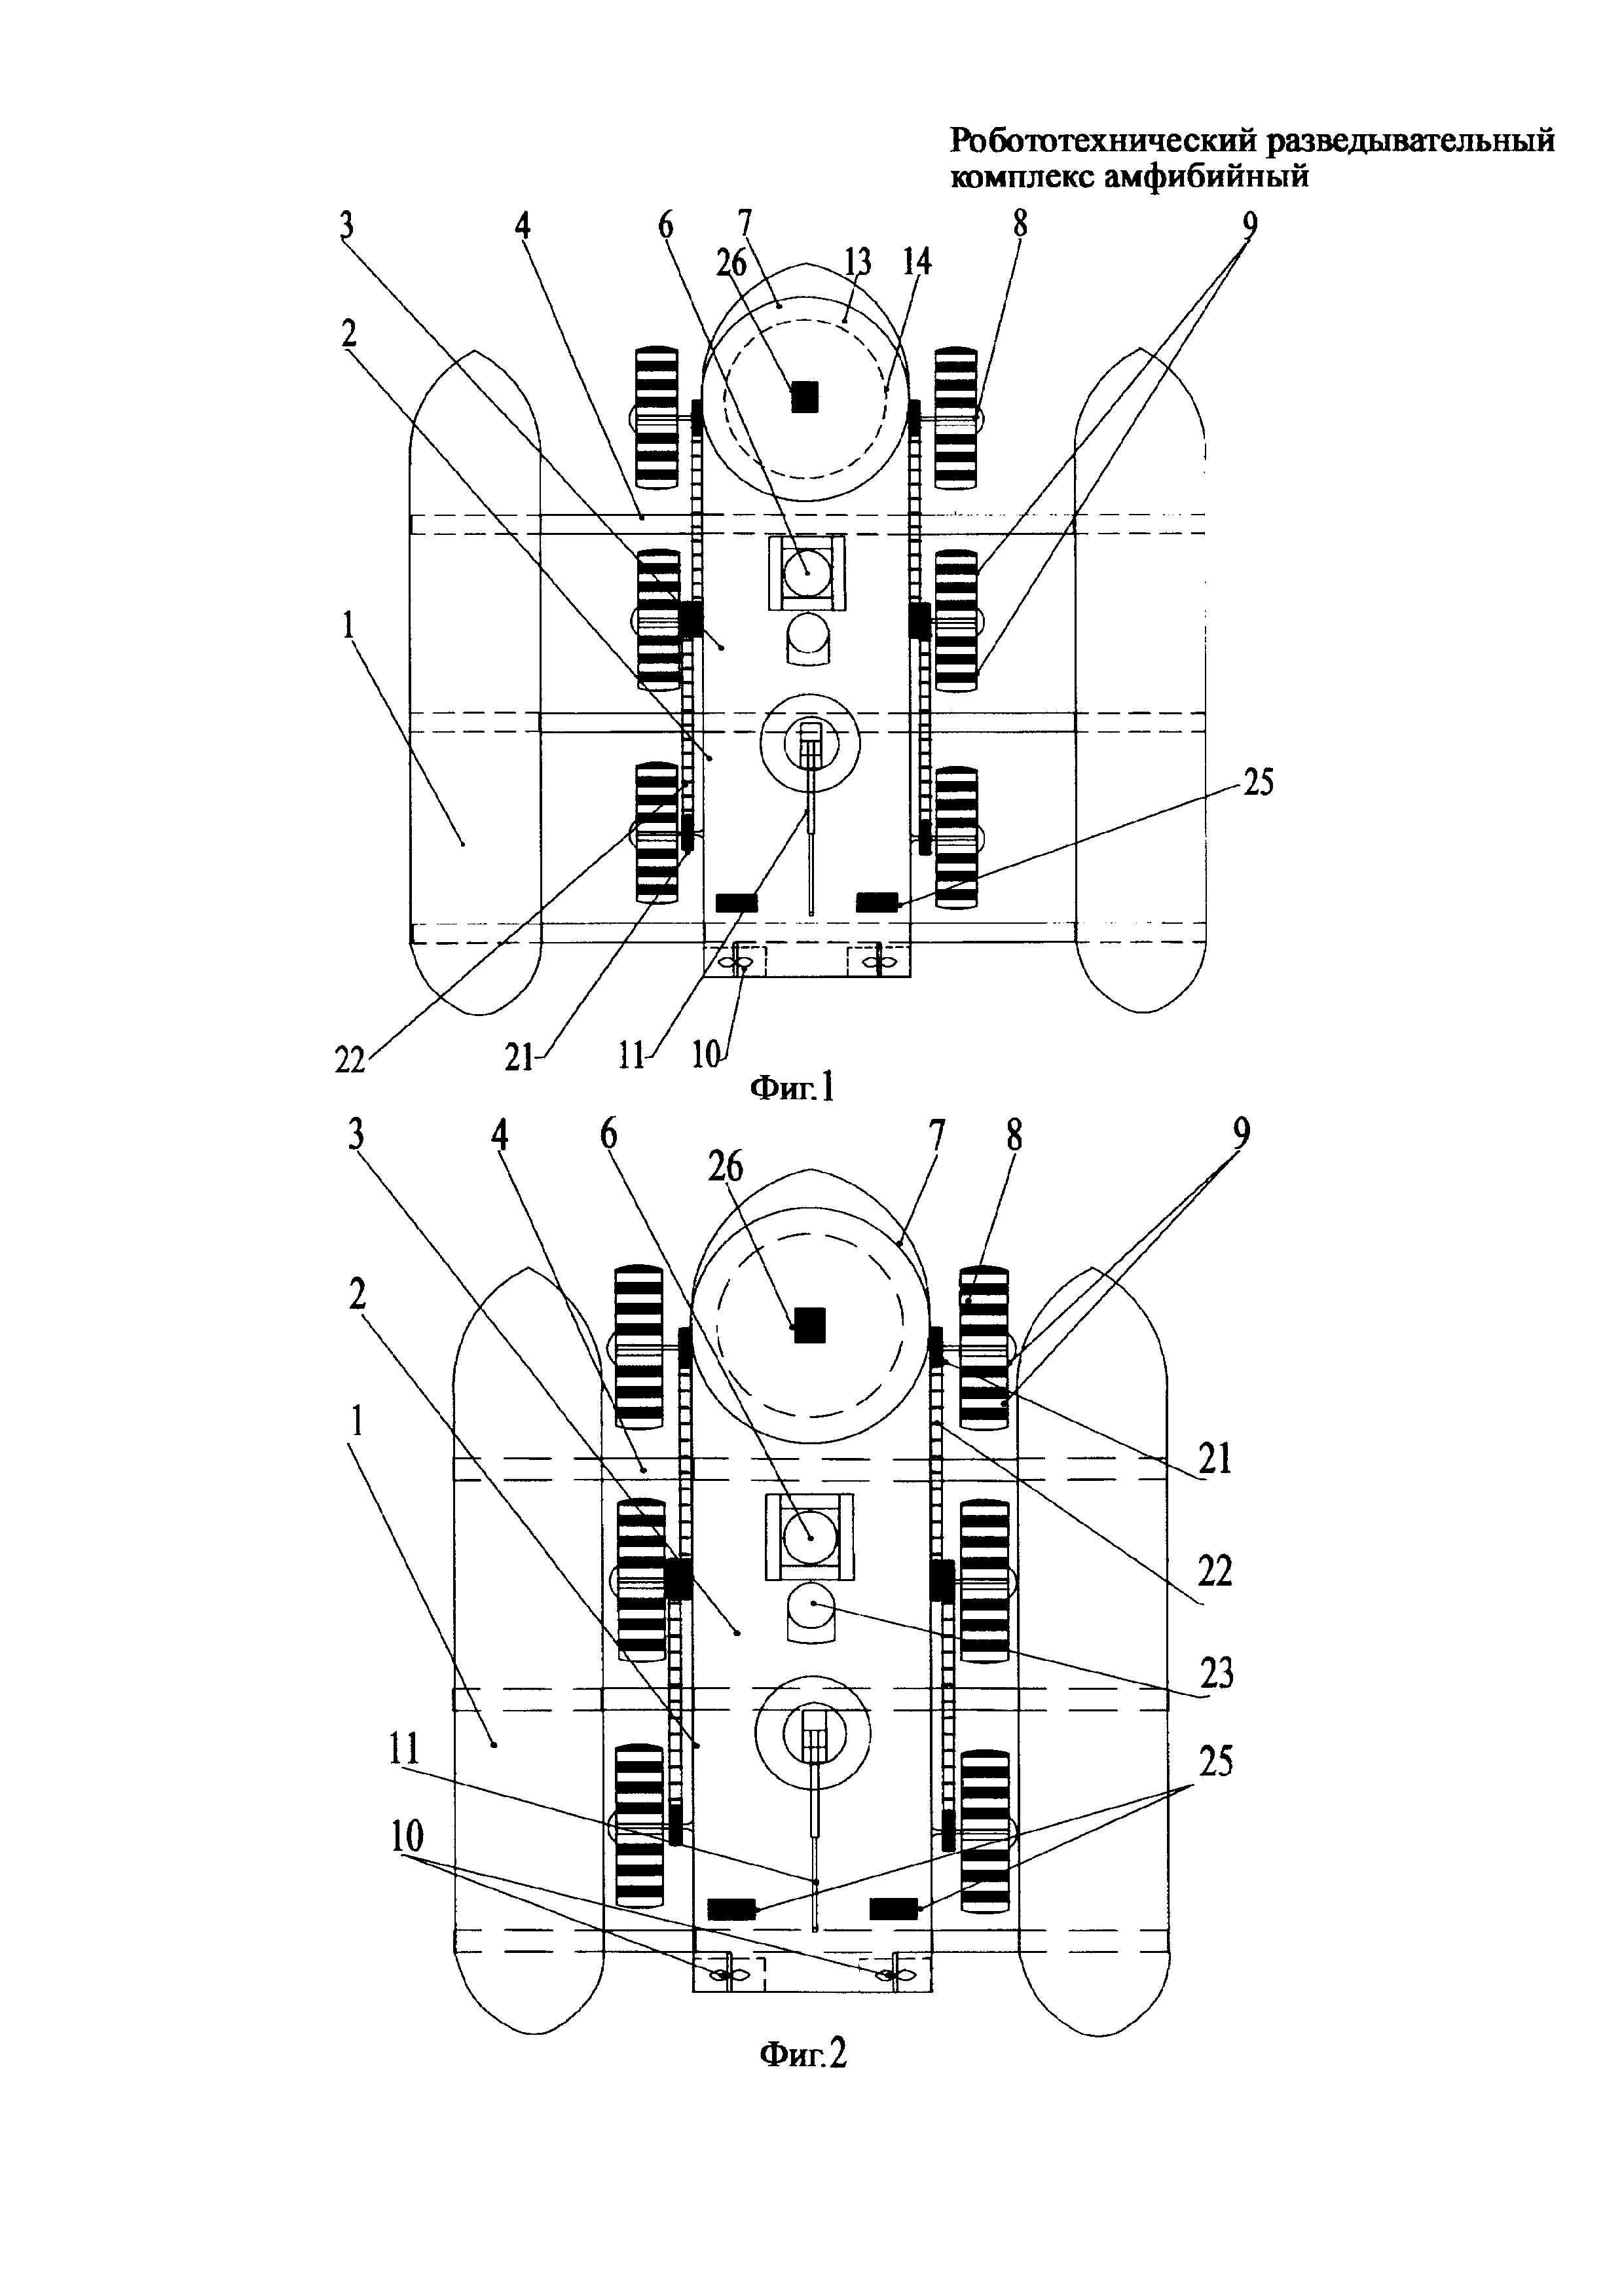 Робототехнический разведывательный комплекс амфибийный